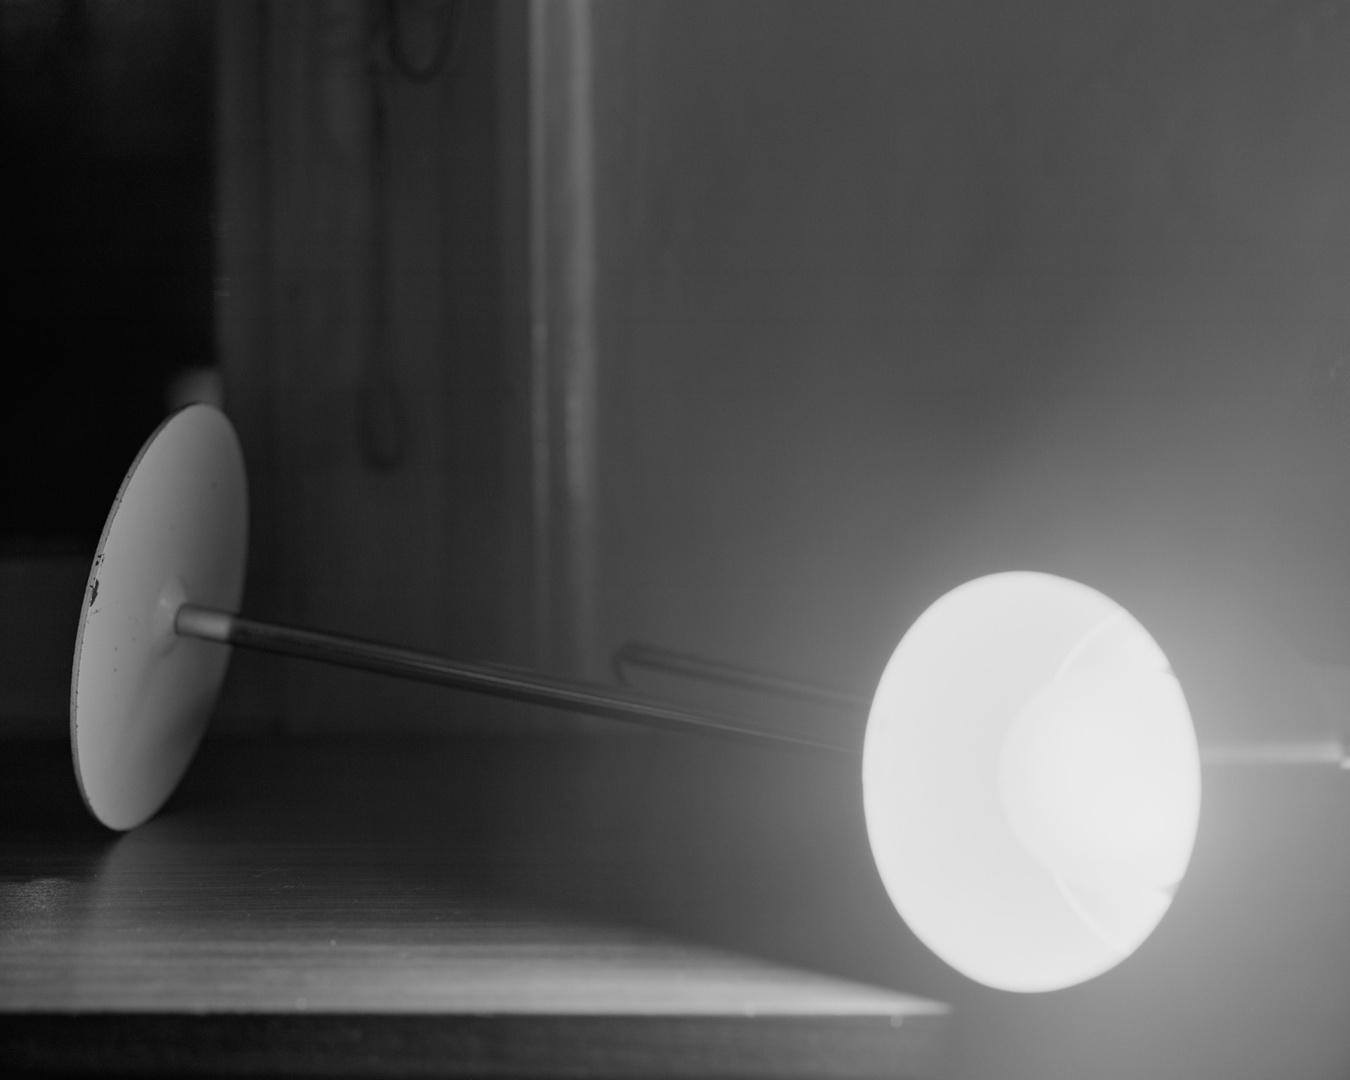 end scene lamp 4in.jpg